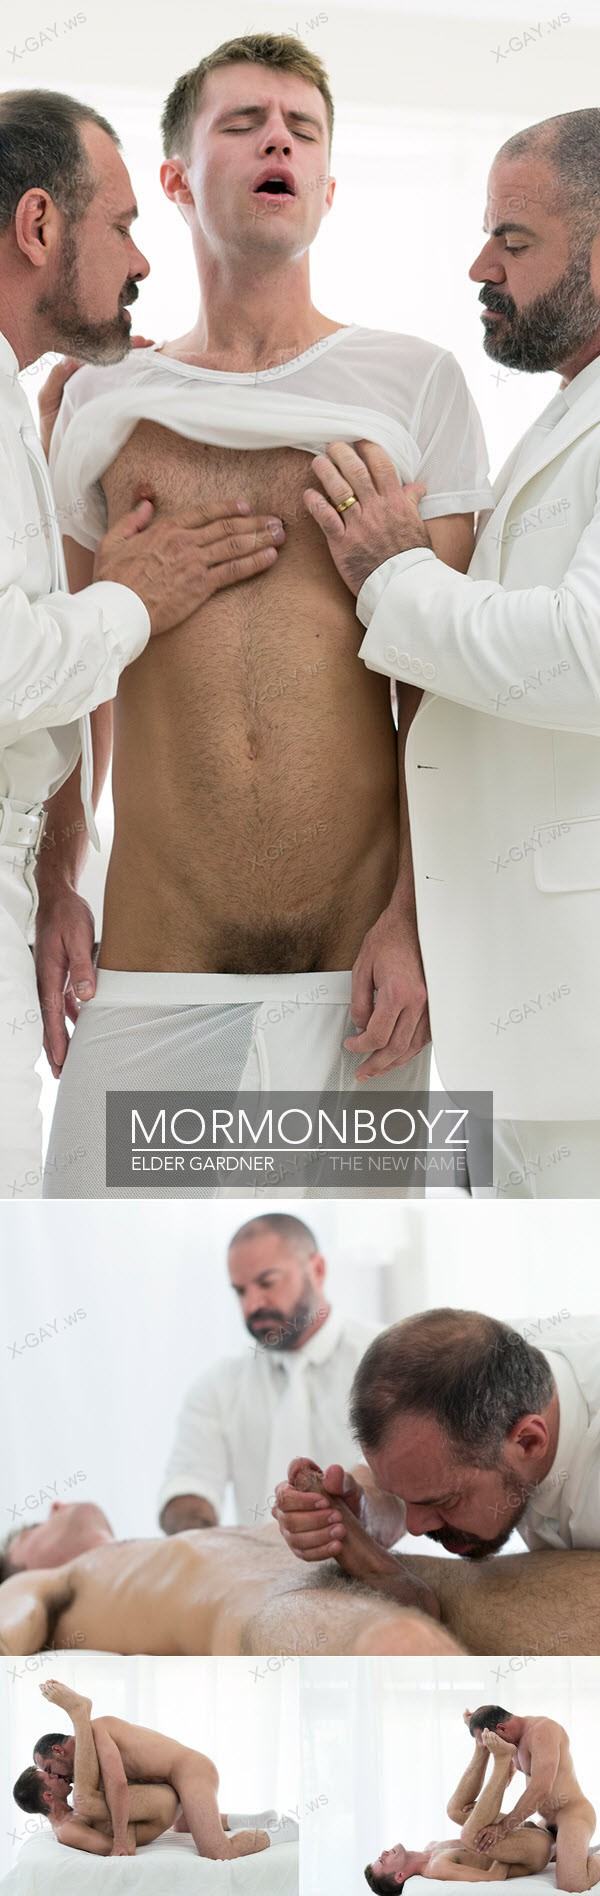 MormonBoyz: Elder Gardner, The New Name (Bareback)